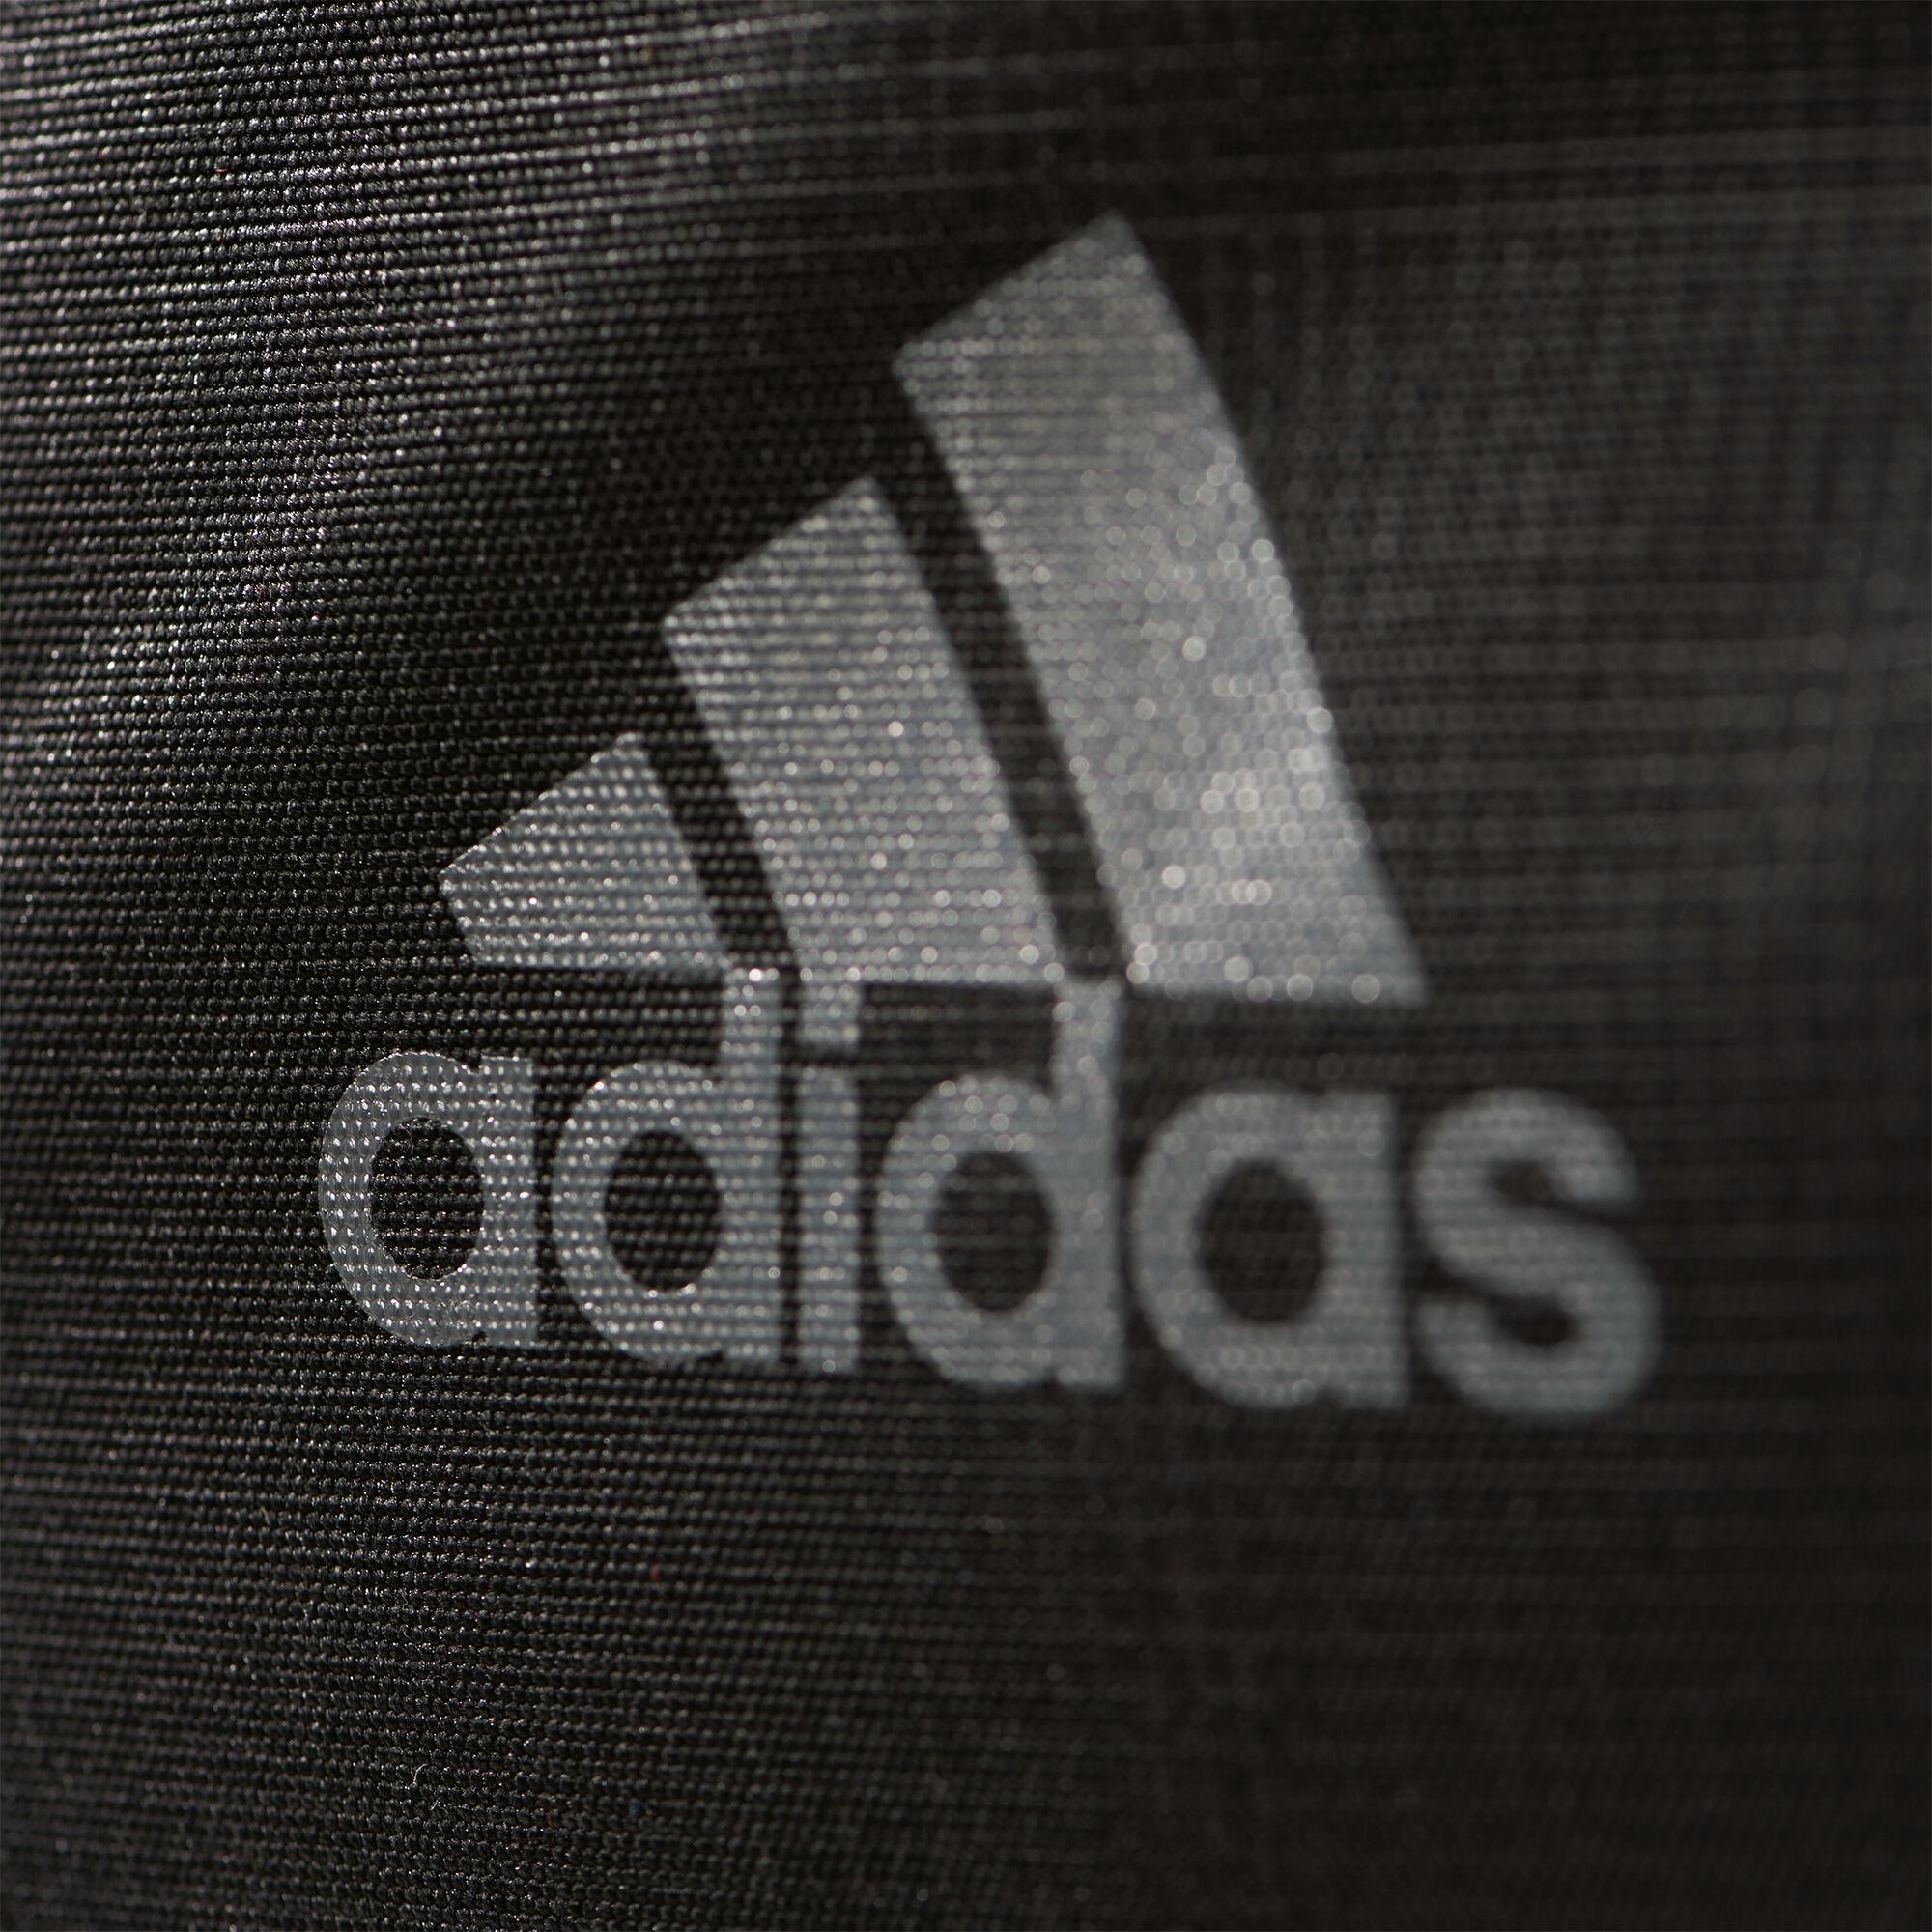 ... adidas  adidas  adidas  adidas. 3 Stripes Performance Teambag ... 0f504a211446f